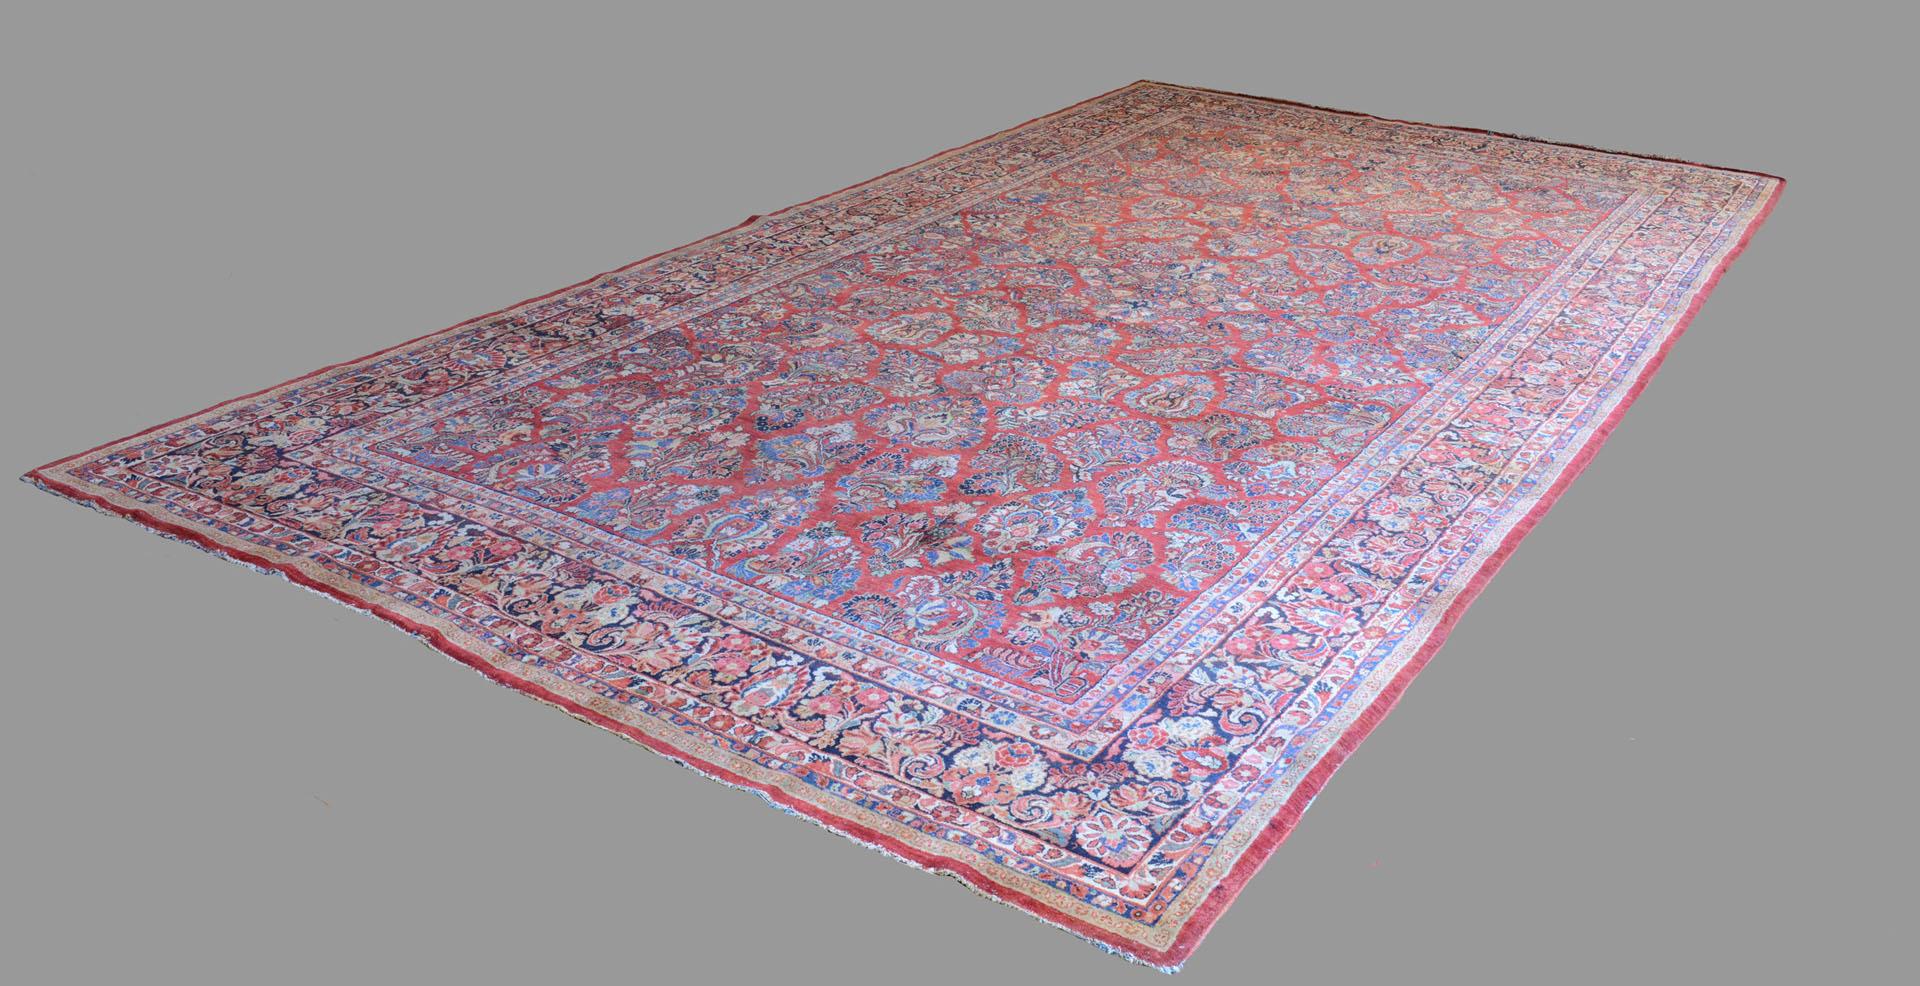 Semi-Antique Persian Sarouk Carpet